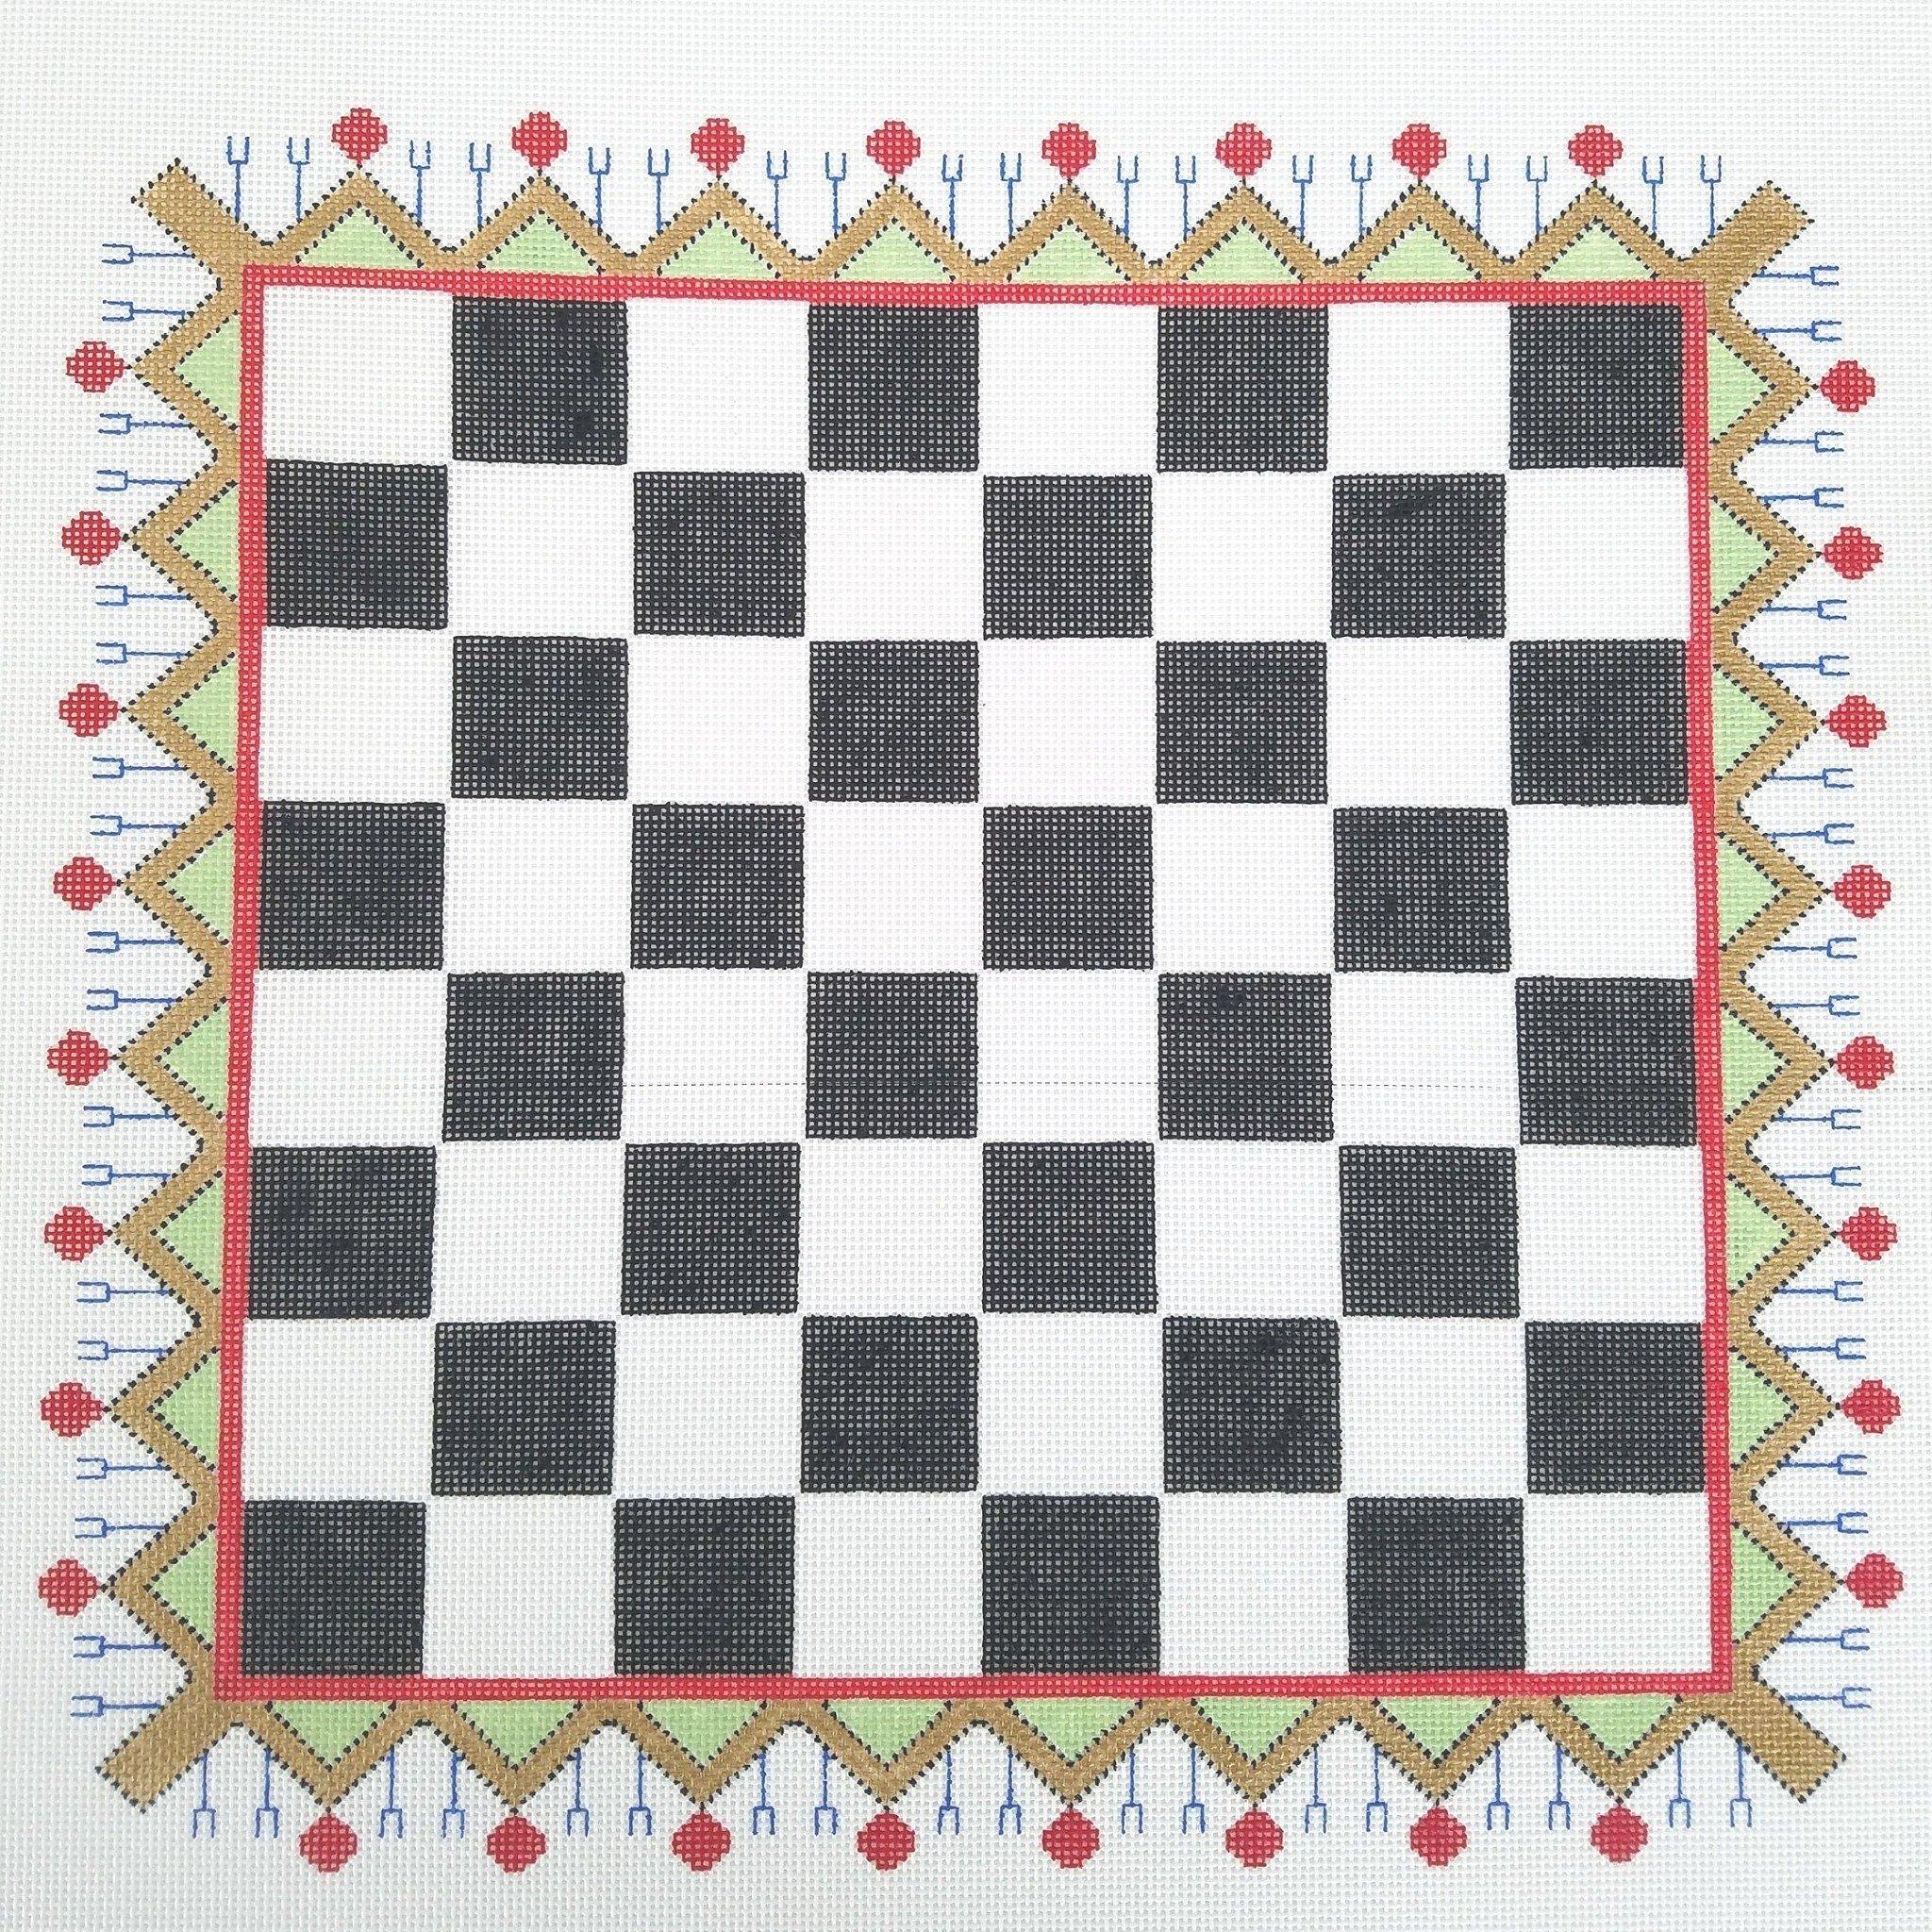 Checkers/Chess Board